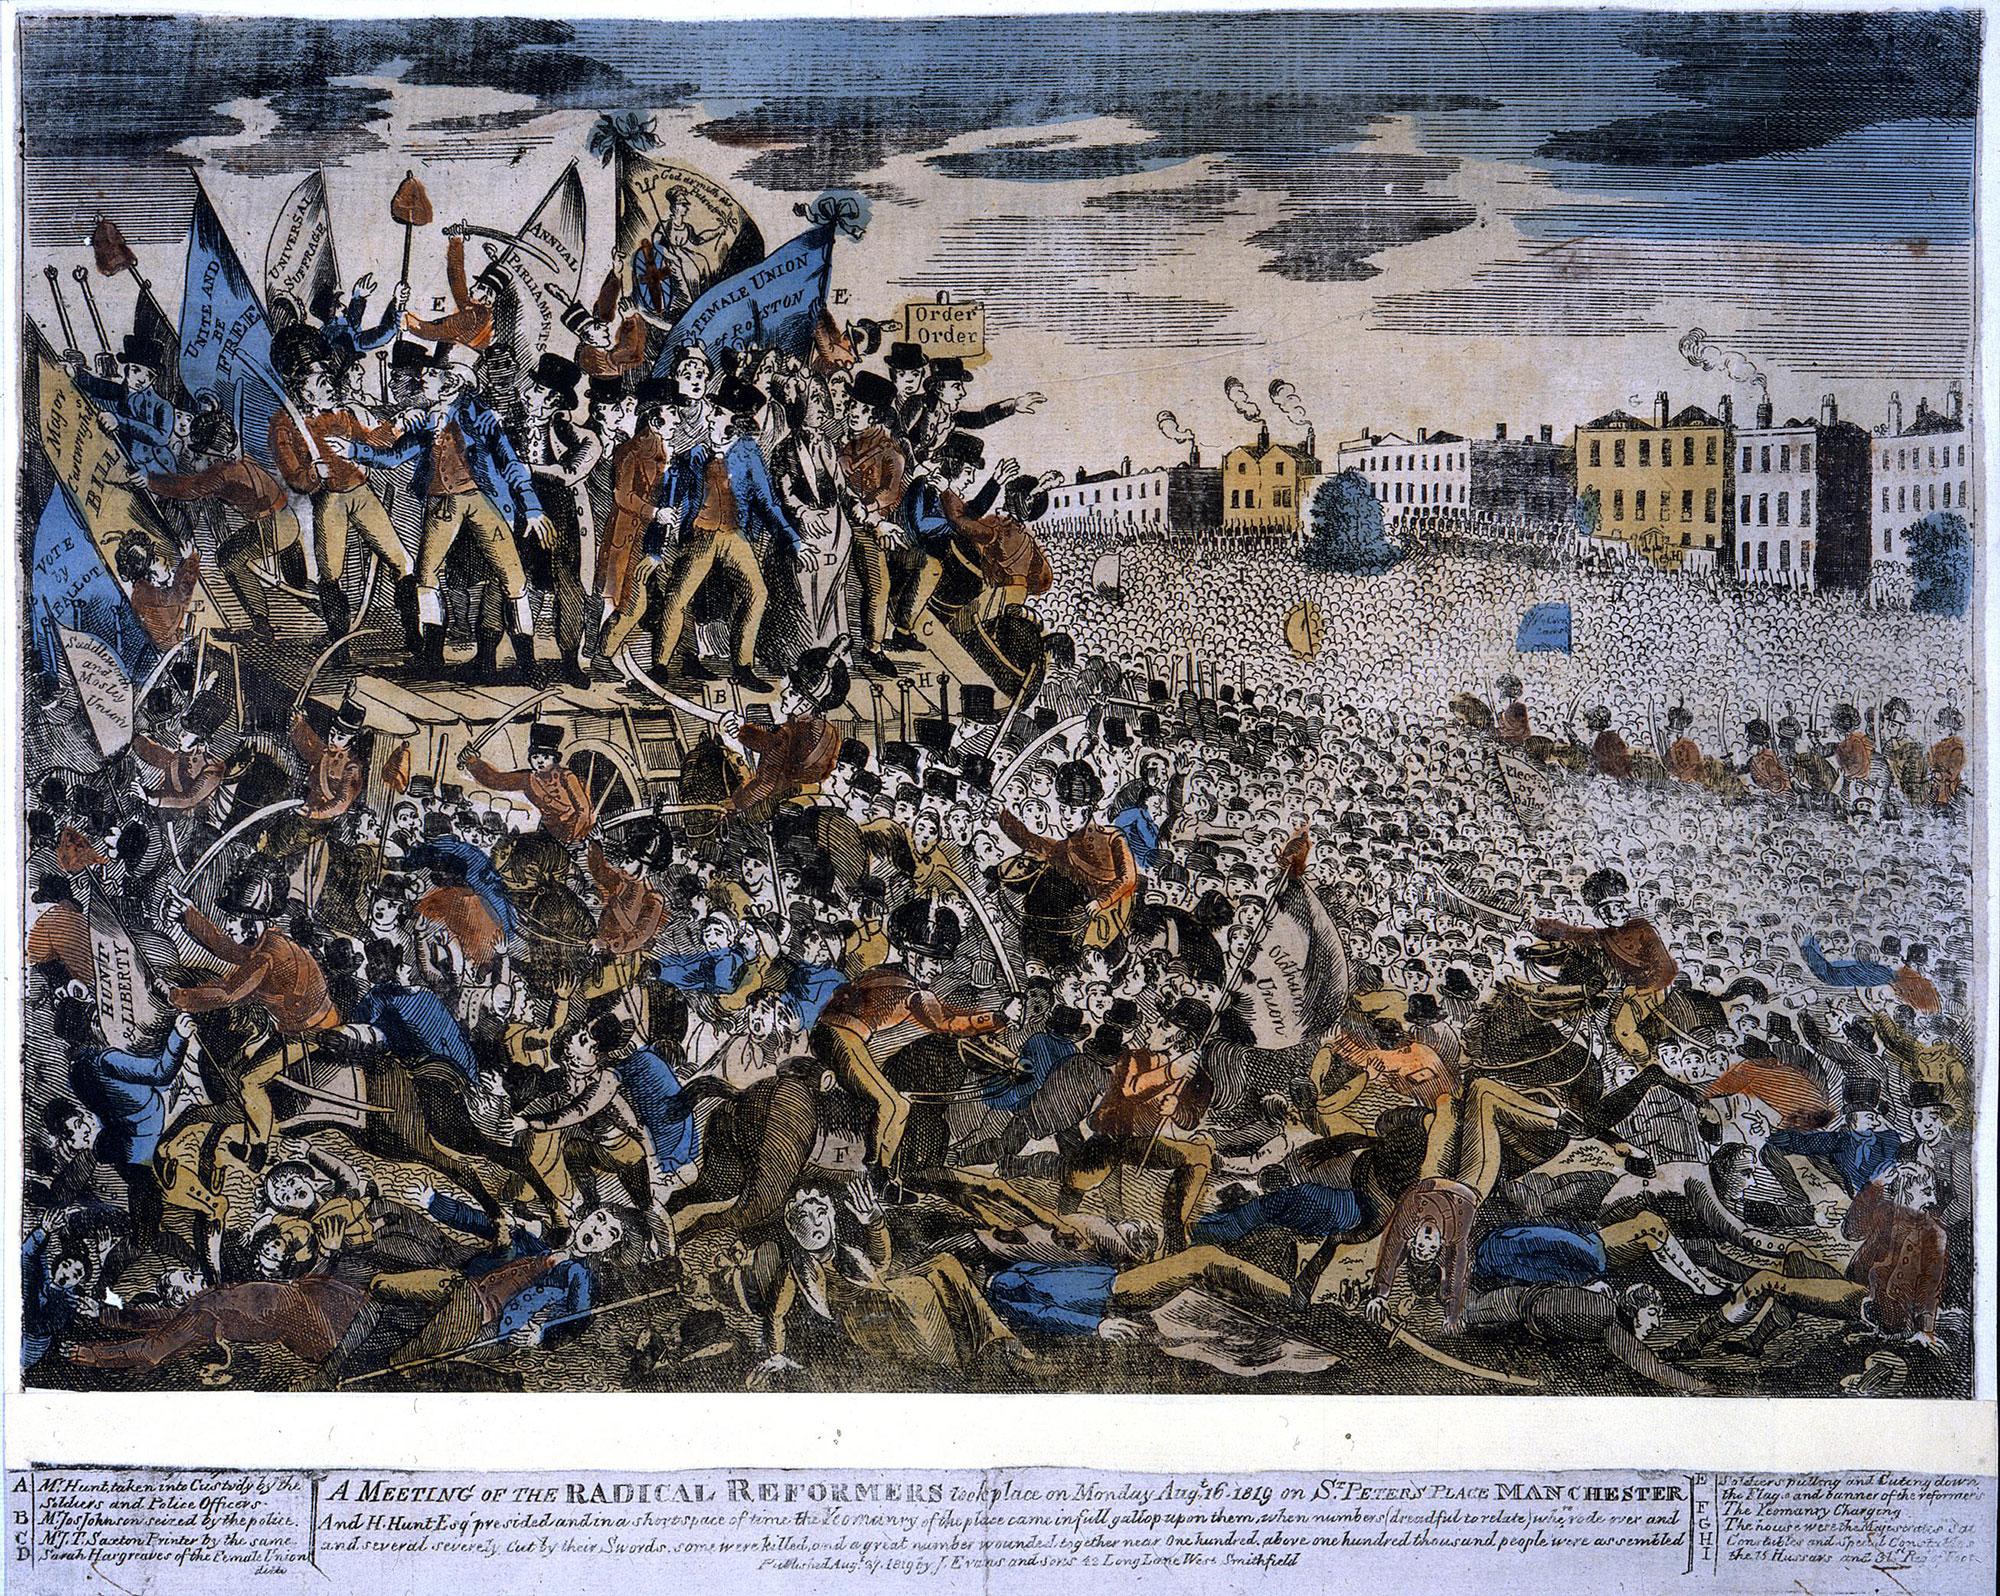 Colour print depicting the Peterloo Massacre